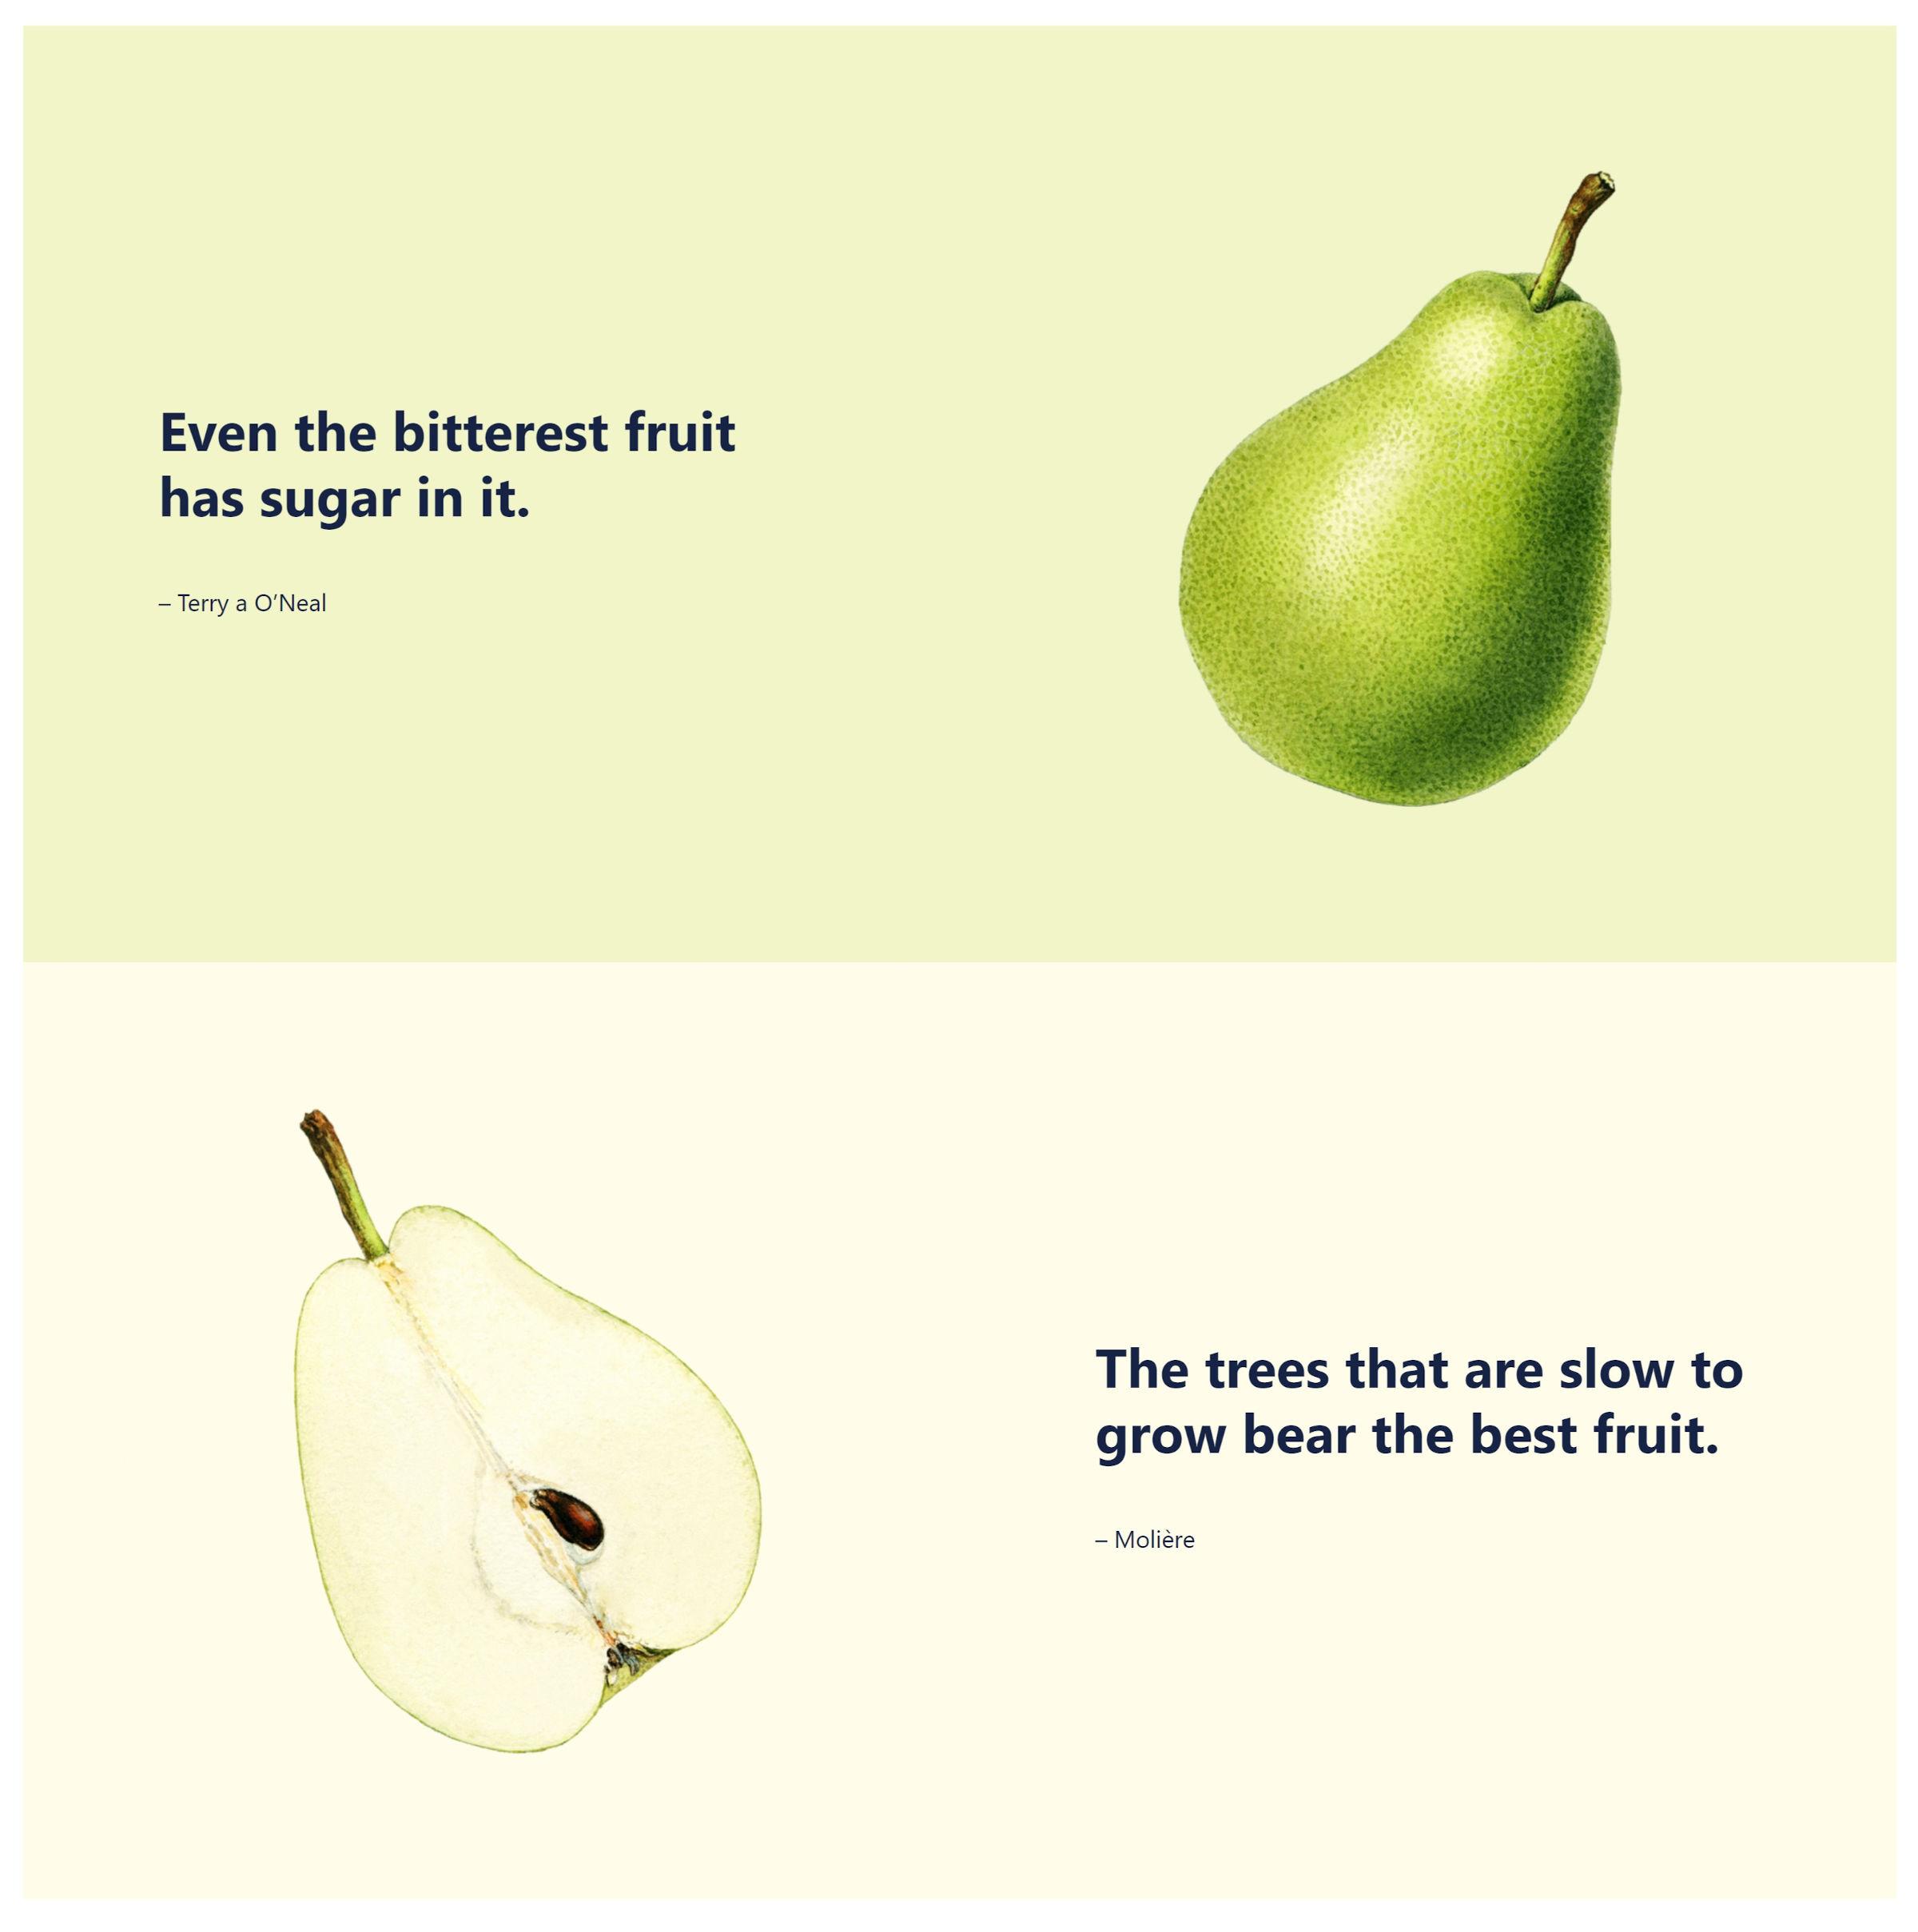 Deux sections, chacune avec un fruit et une citation.